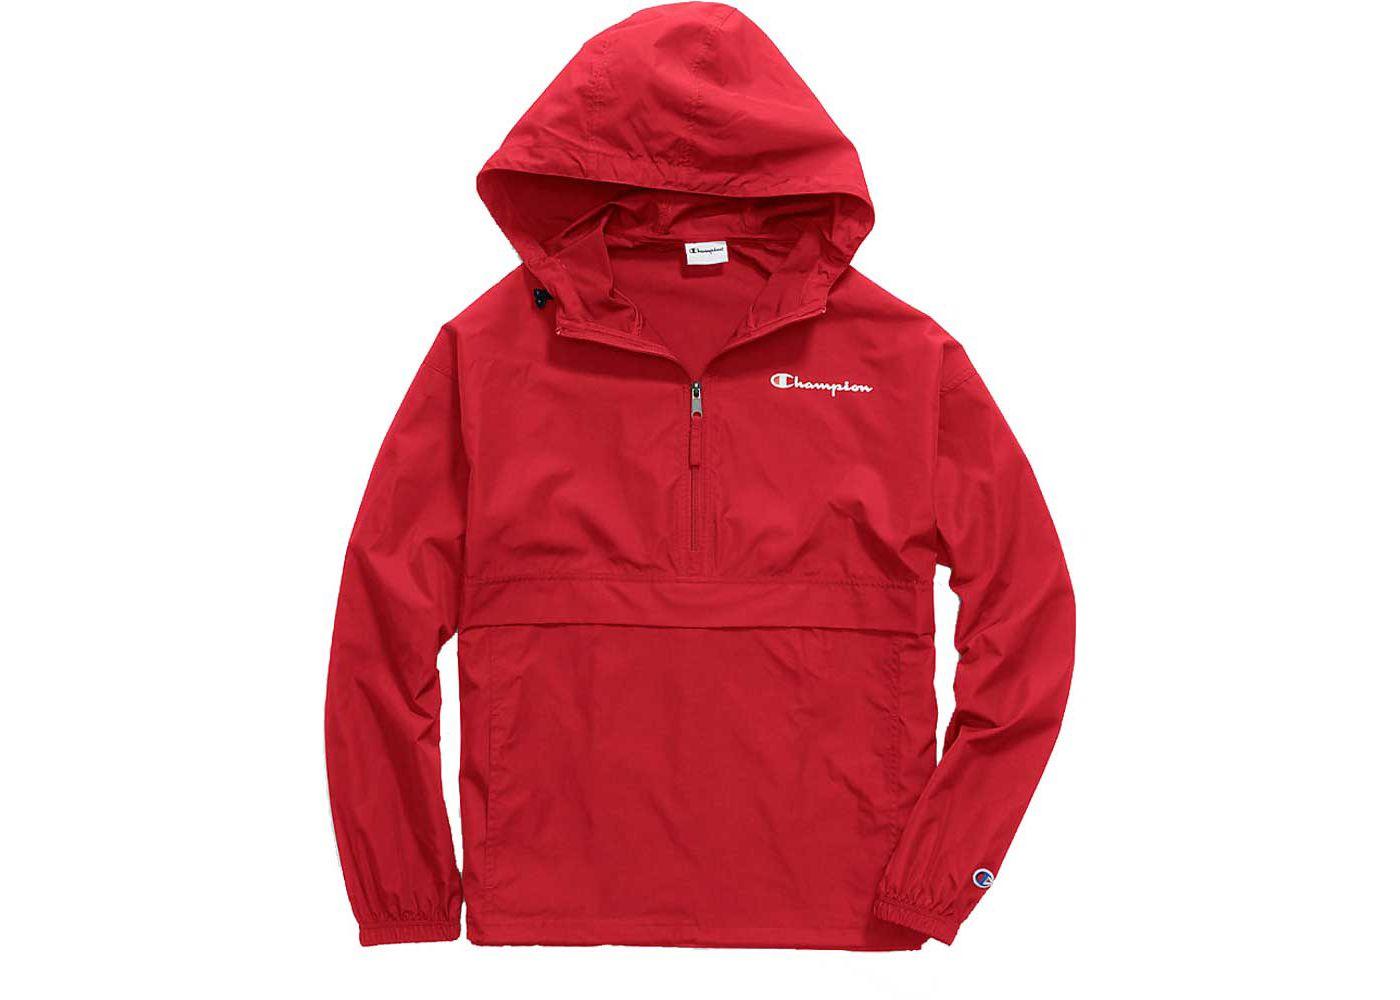 Champion Men's Packable Half-Zip Jacket